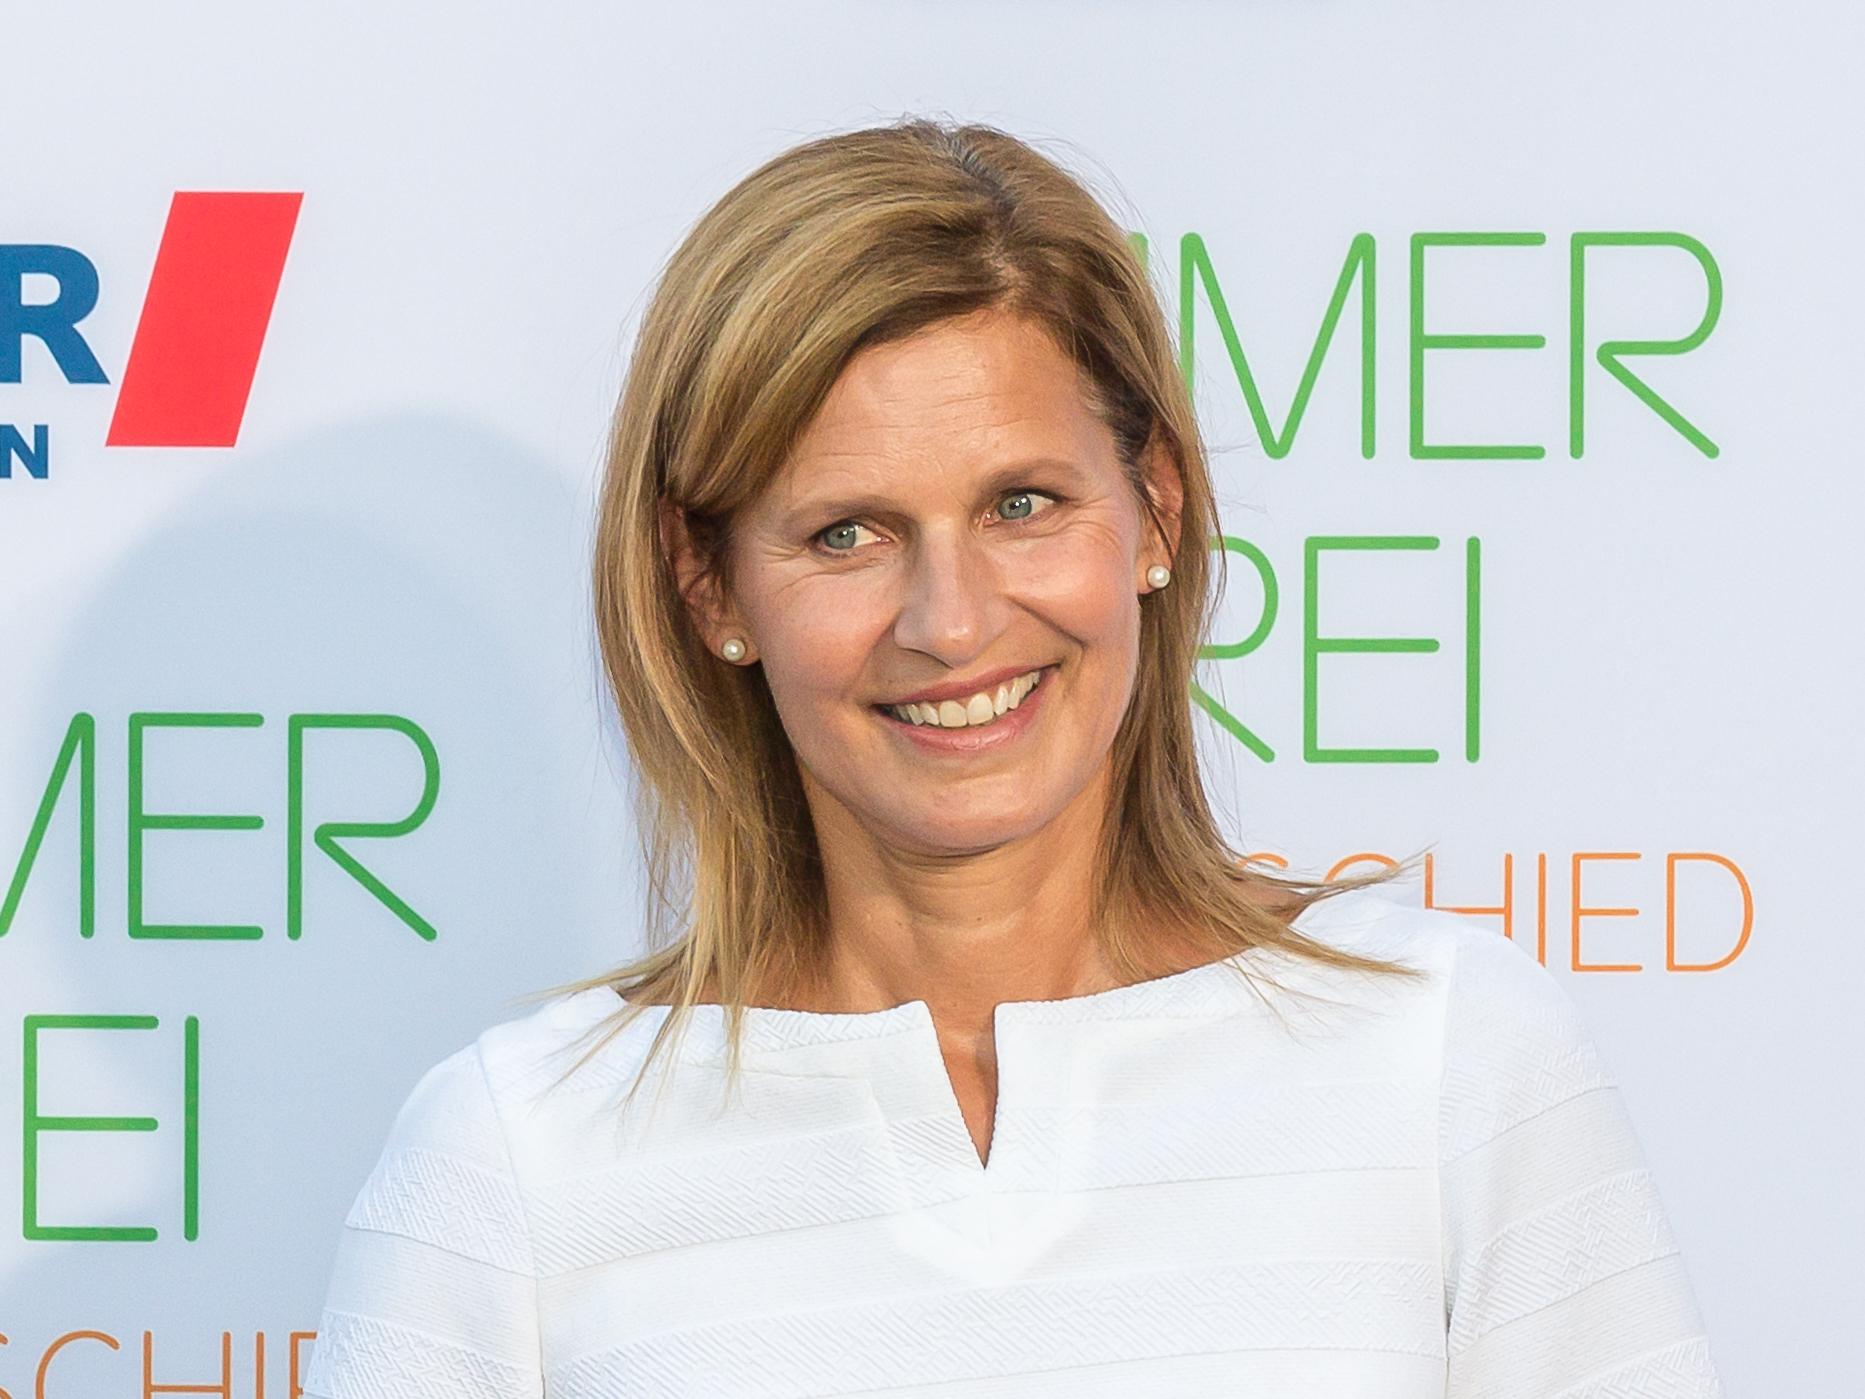 Katrin m ller hohenstein steckbrief promi for Zdf moderatorin schlaganfall